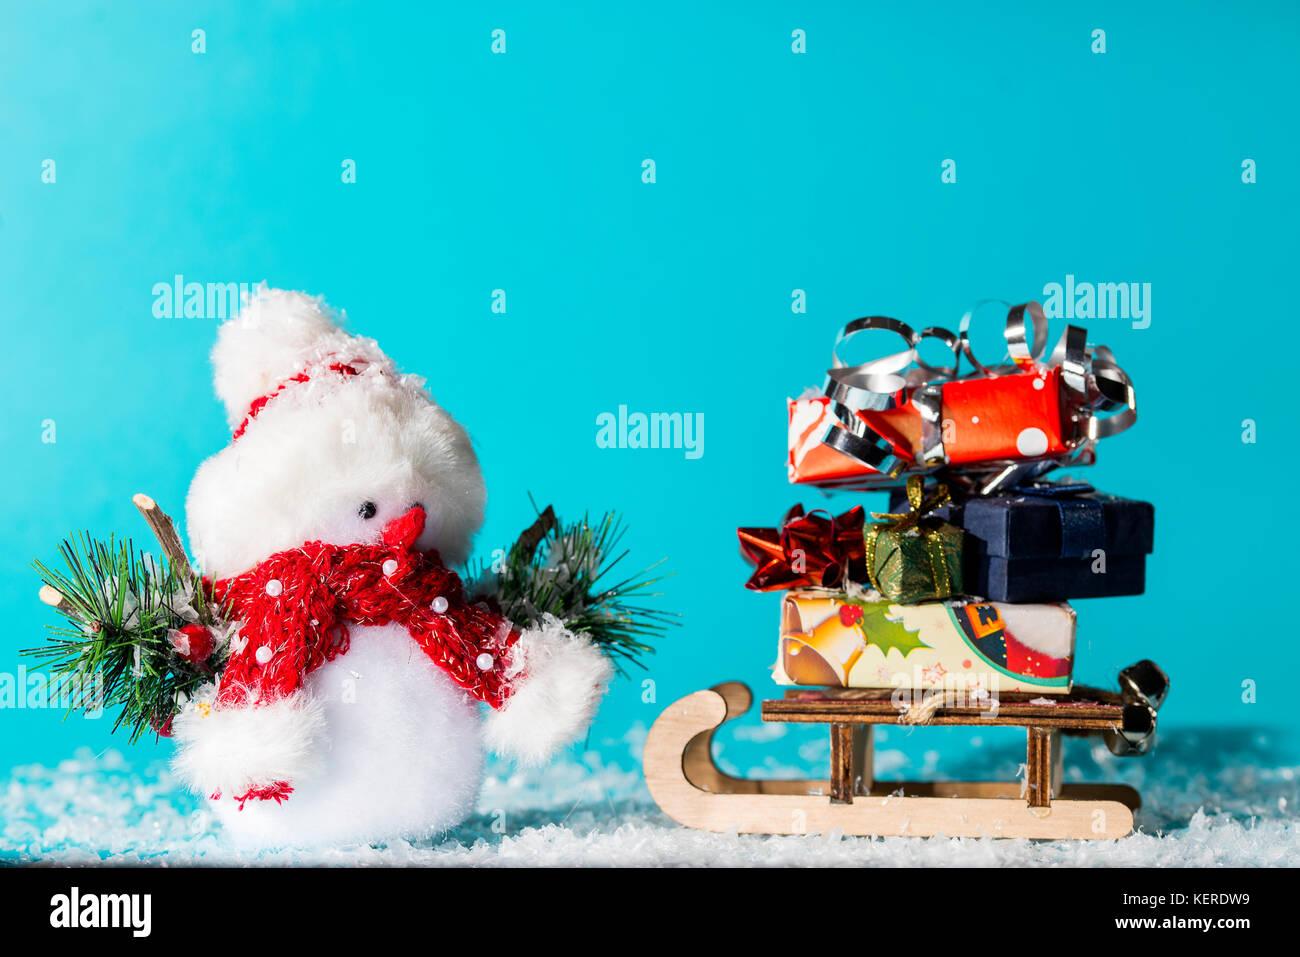 Noël Fun Broche Sledge